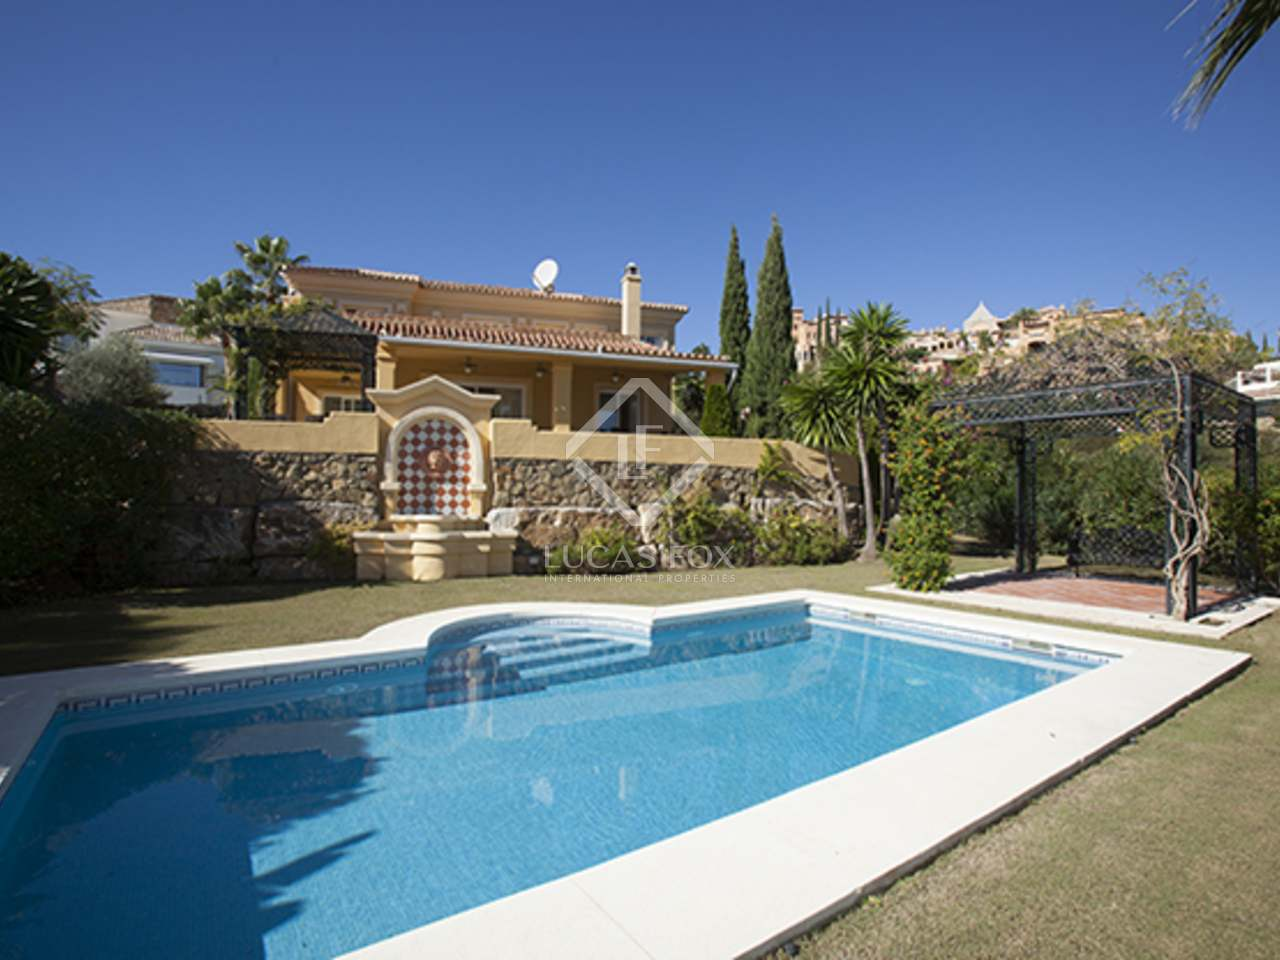 Casa familiar en venta en nueva andaluc a marbella for Distrito ciudad jardin malaga